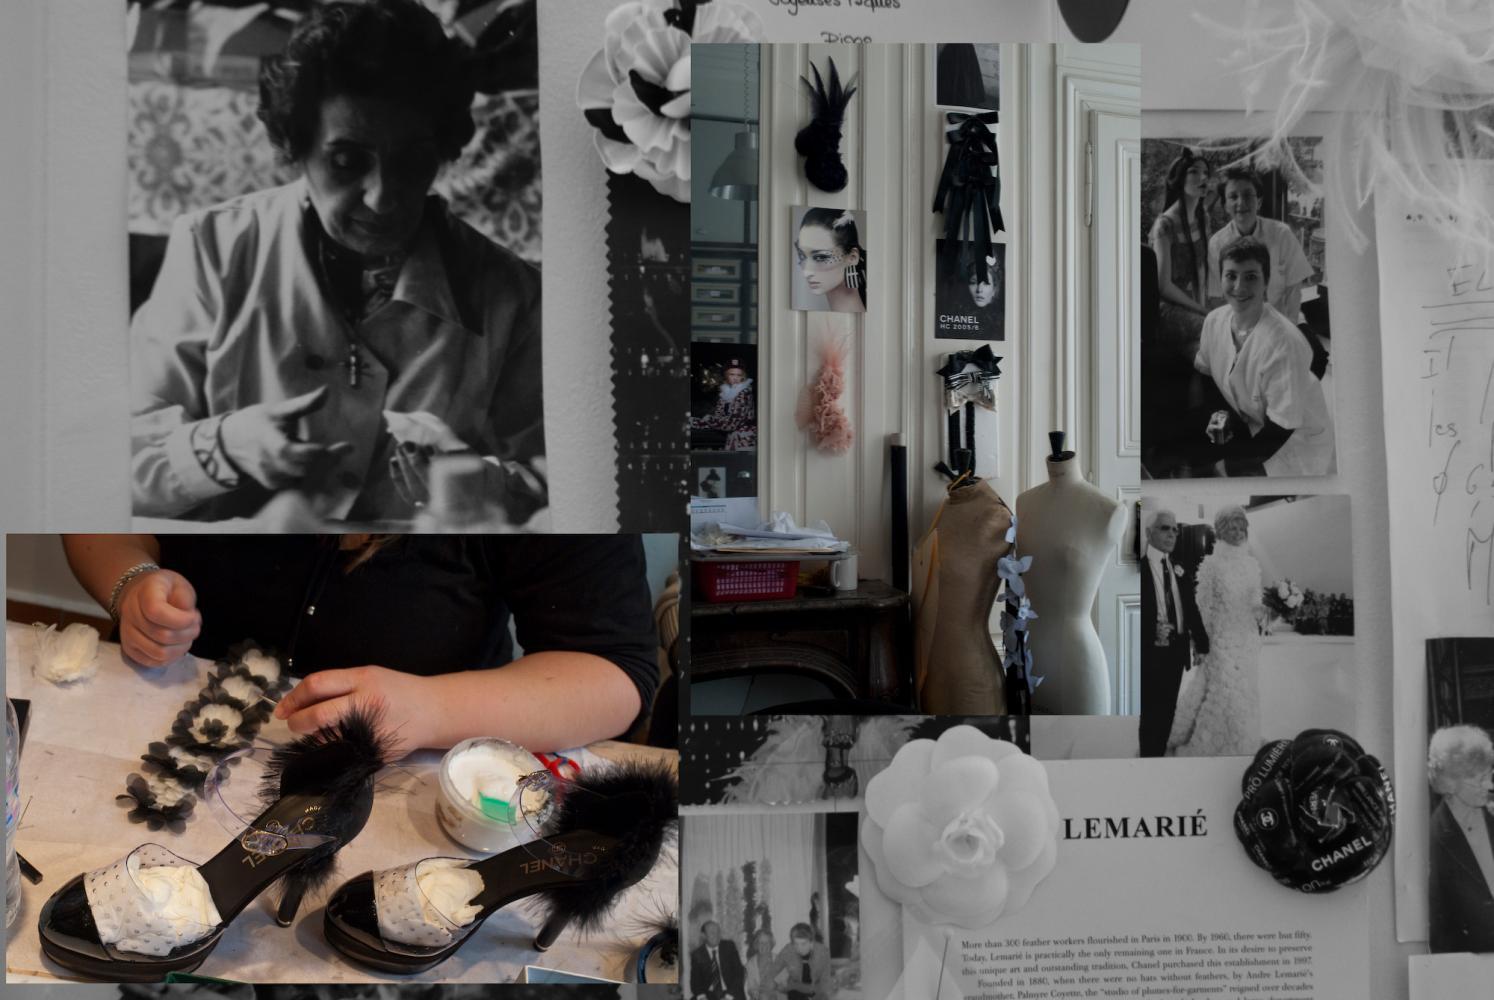 Sur les murs des ateliers, photos, camélias évoquent la maison mère de Lemarié, Chanel, et sa fondatrice. Paris, février 2009.